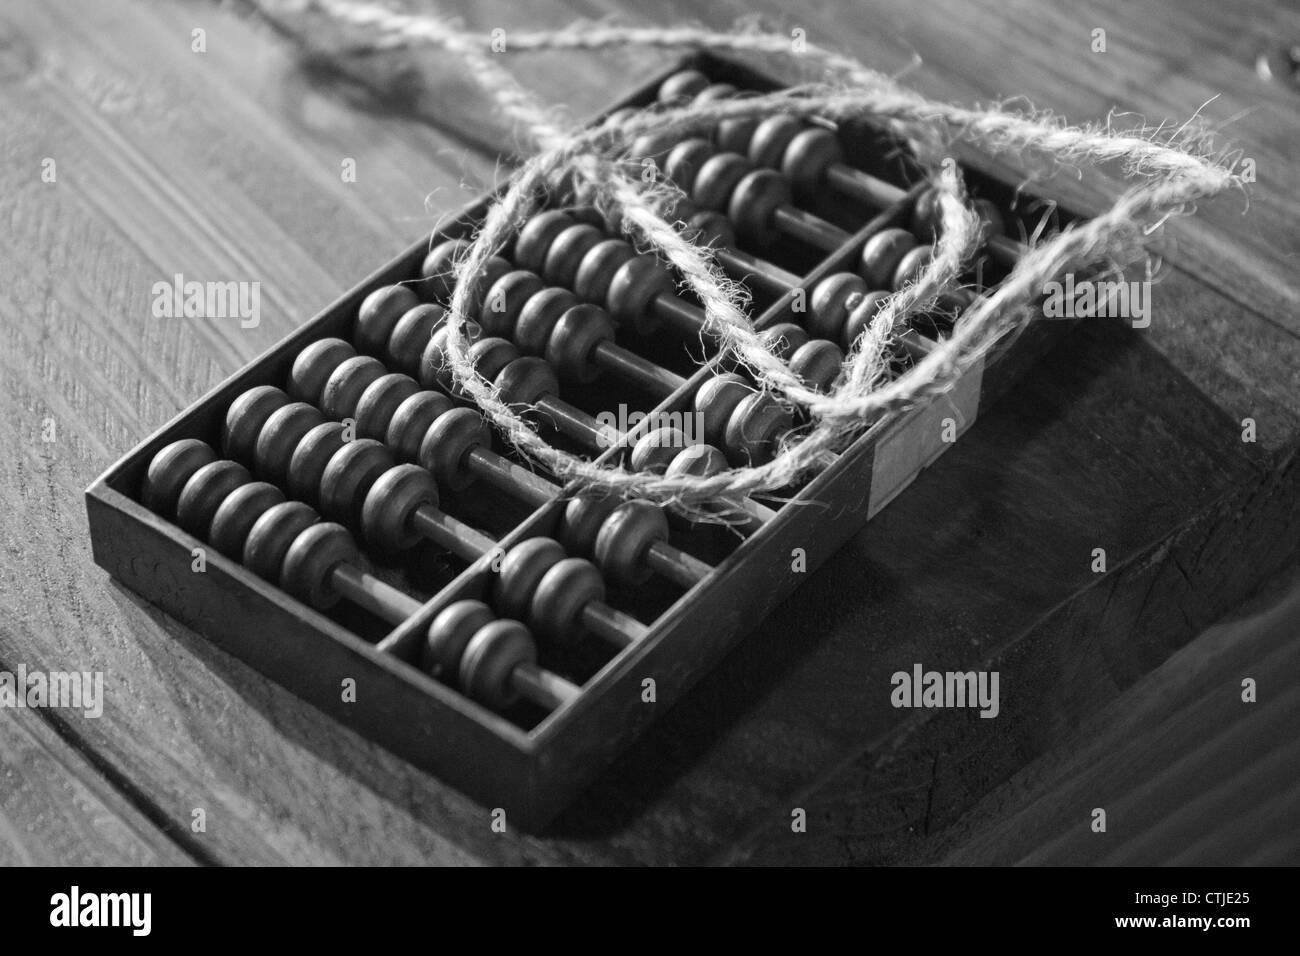 Einem antiken hölzernen Abakus. auf einer Holzbank, schwarz / weiß Foto Stockfoto